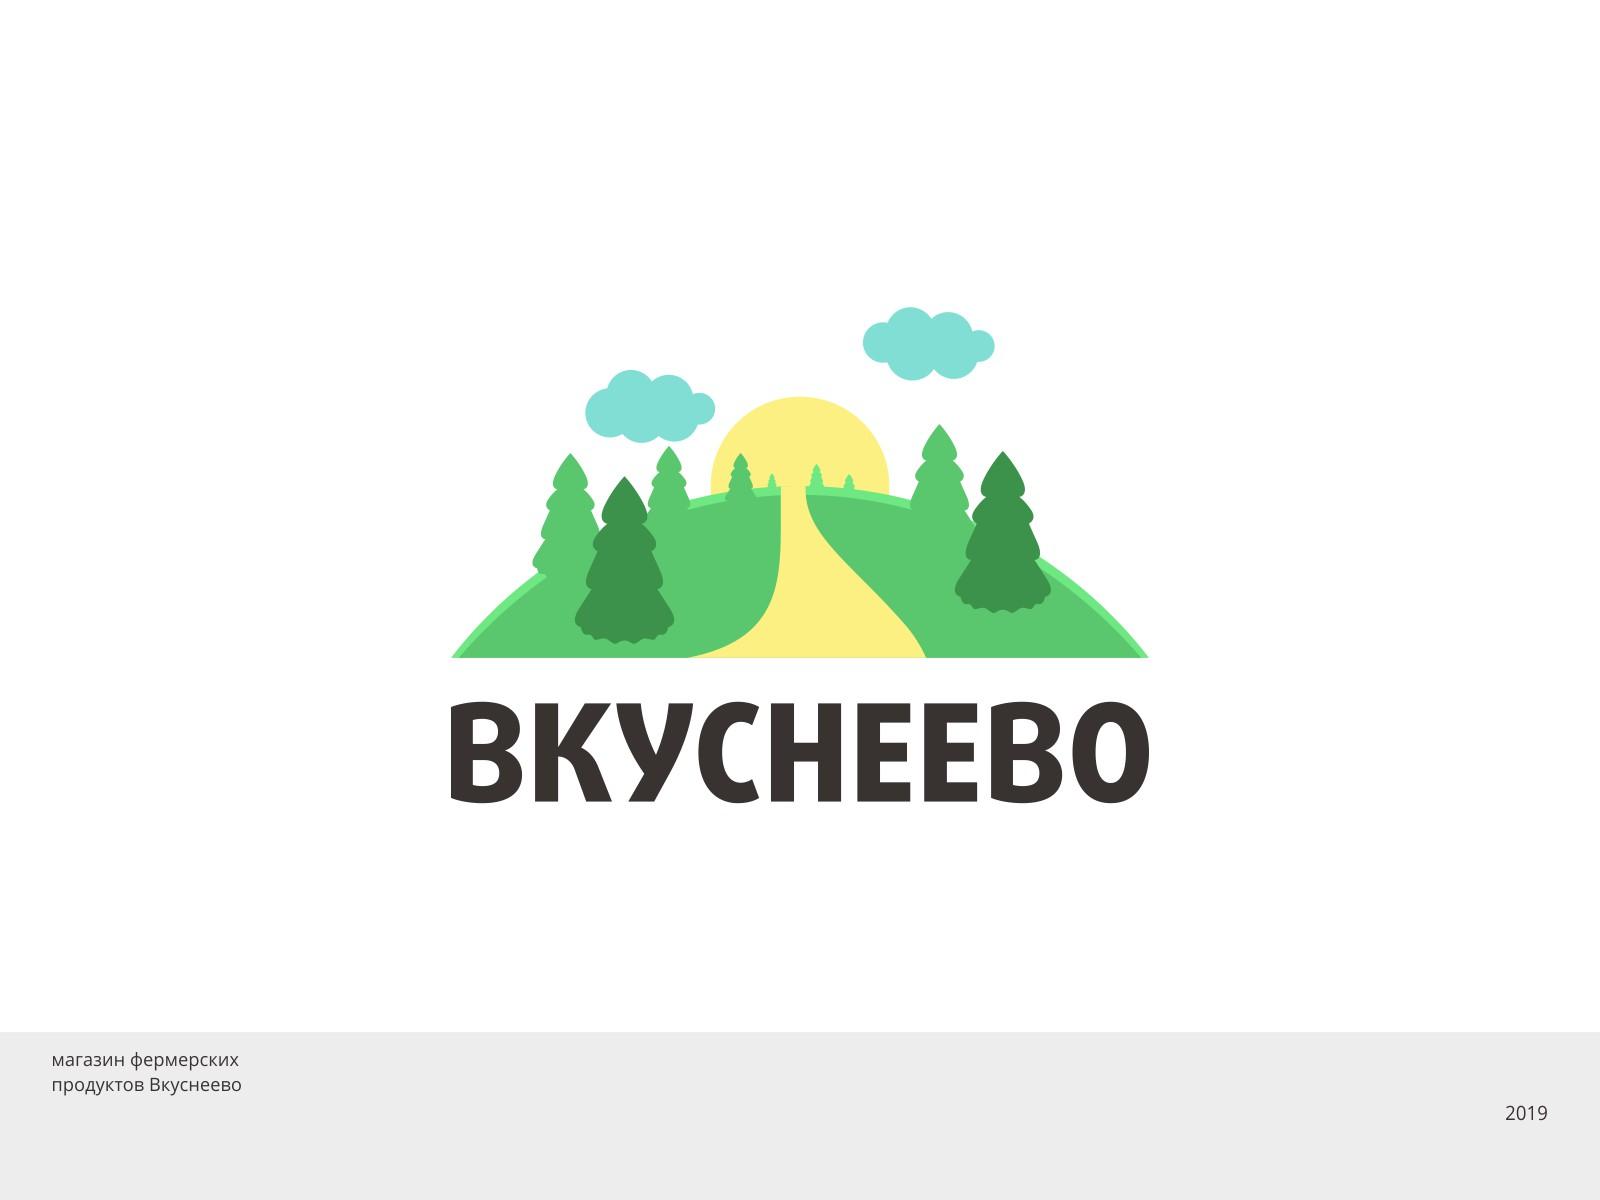 Логотип Вкуснеево